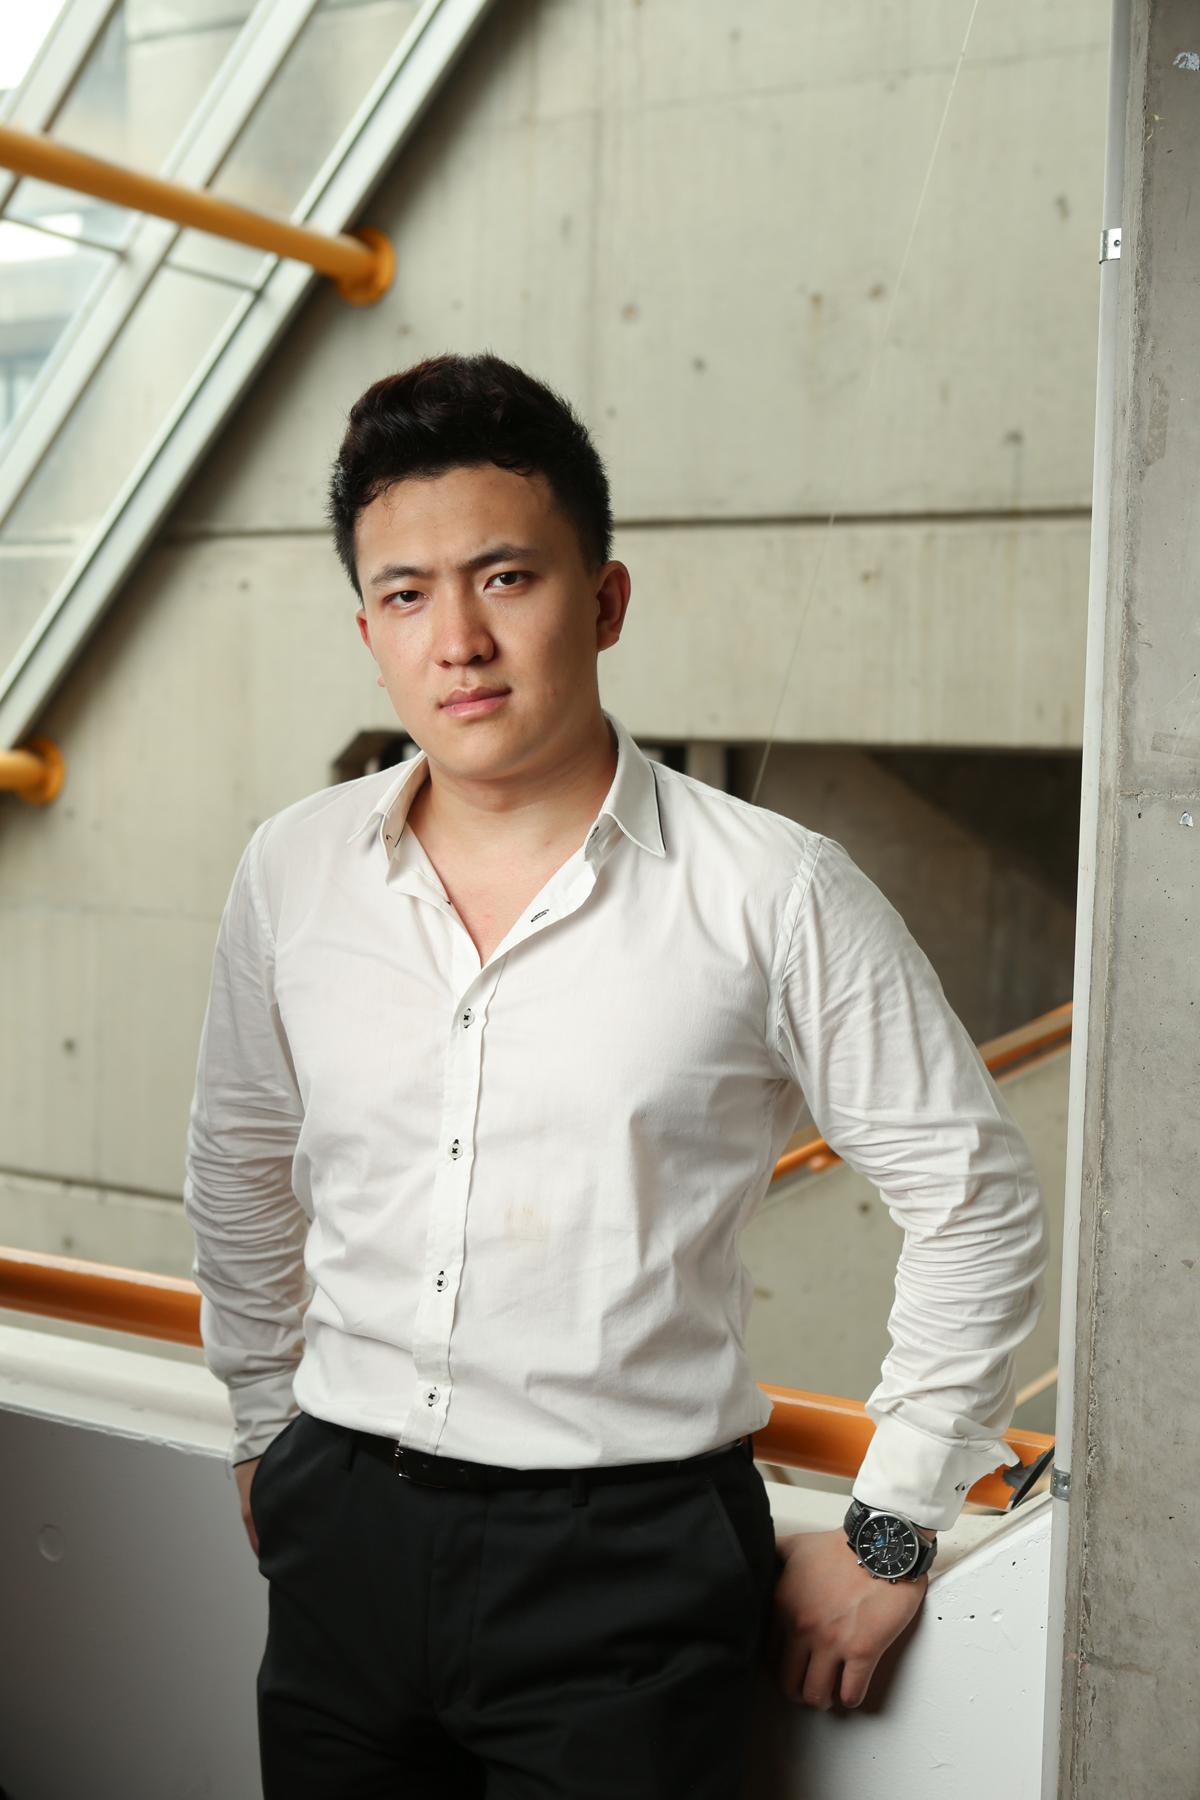 Steven Bai a